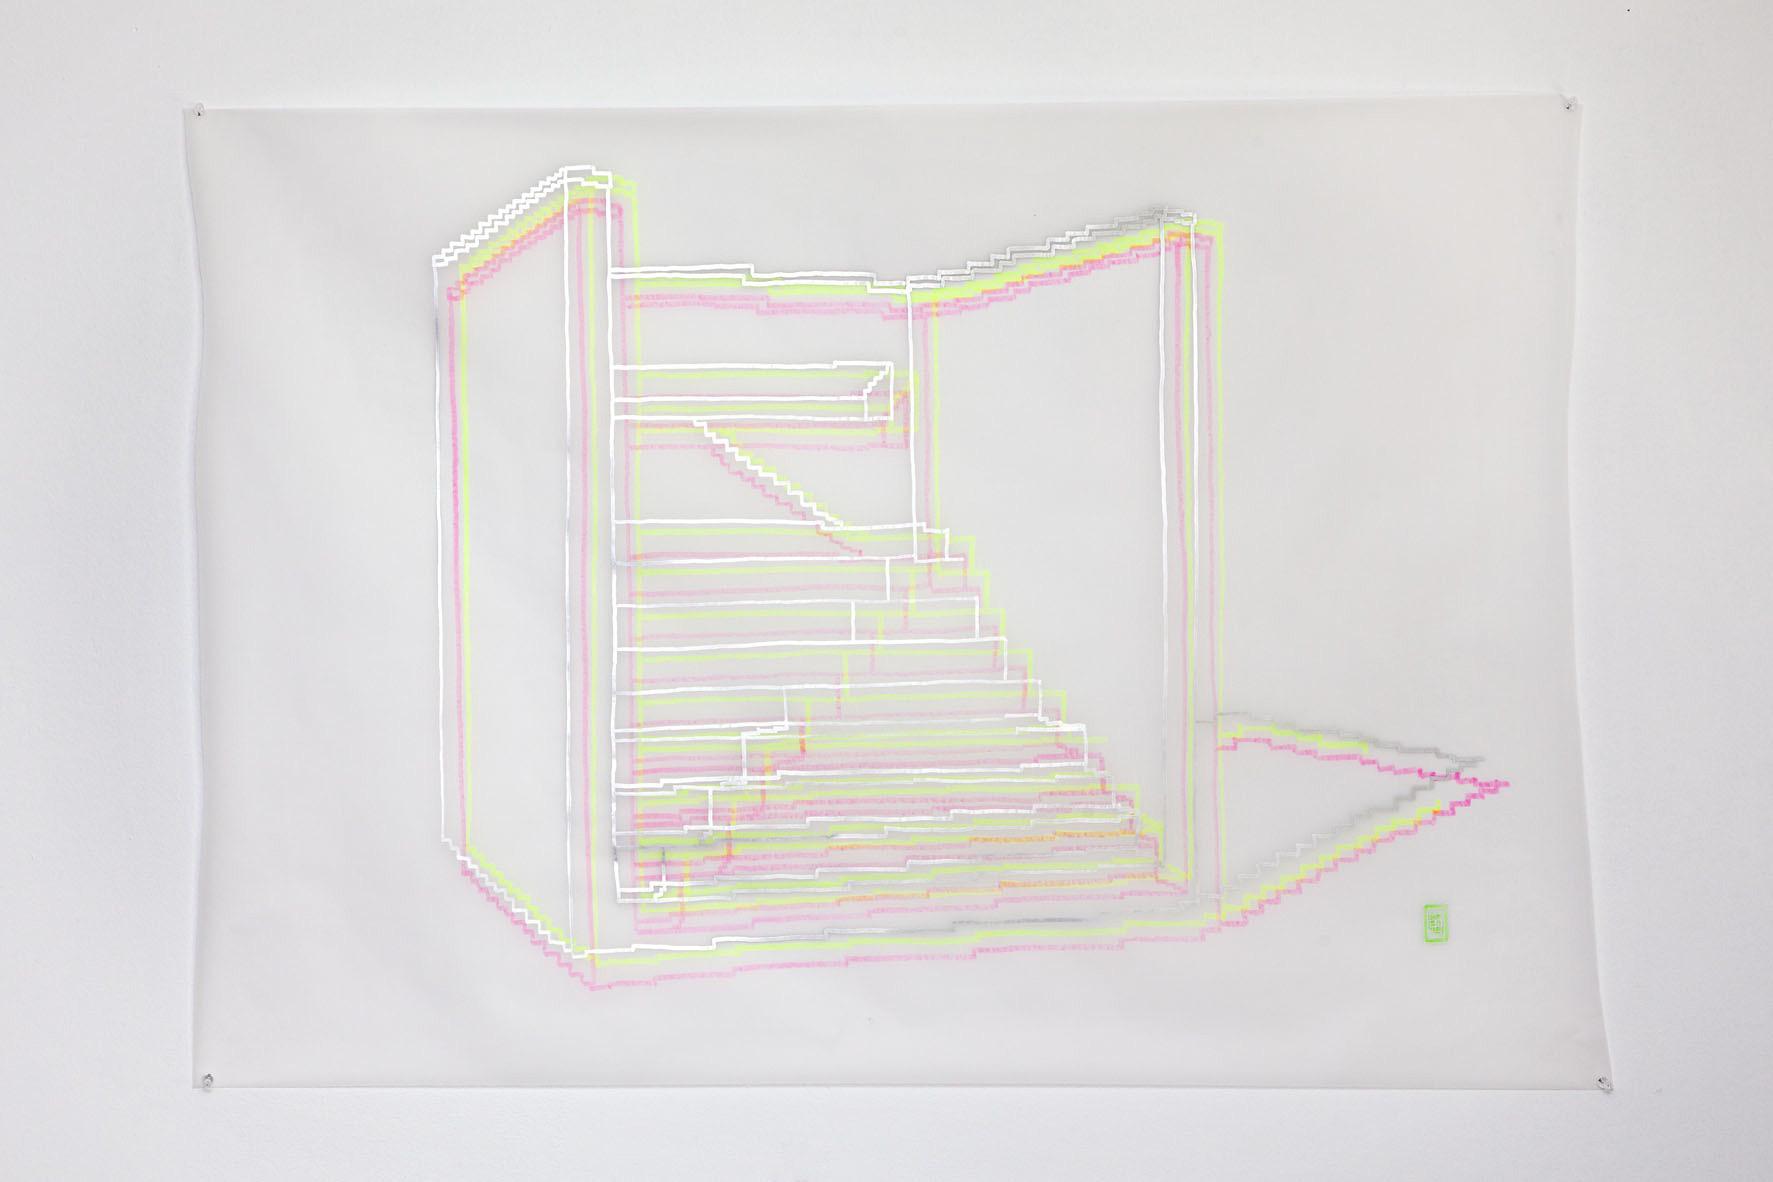 Michele Chiossi Per i gelsi lombardi, 201,  evidenziatori e pigmento d'argento su carta da lucido,   90x130 cm Pertini Milano disegno zigzag